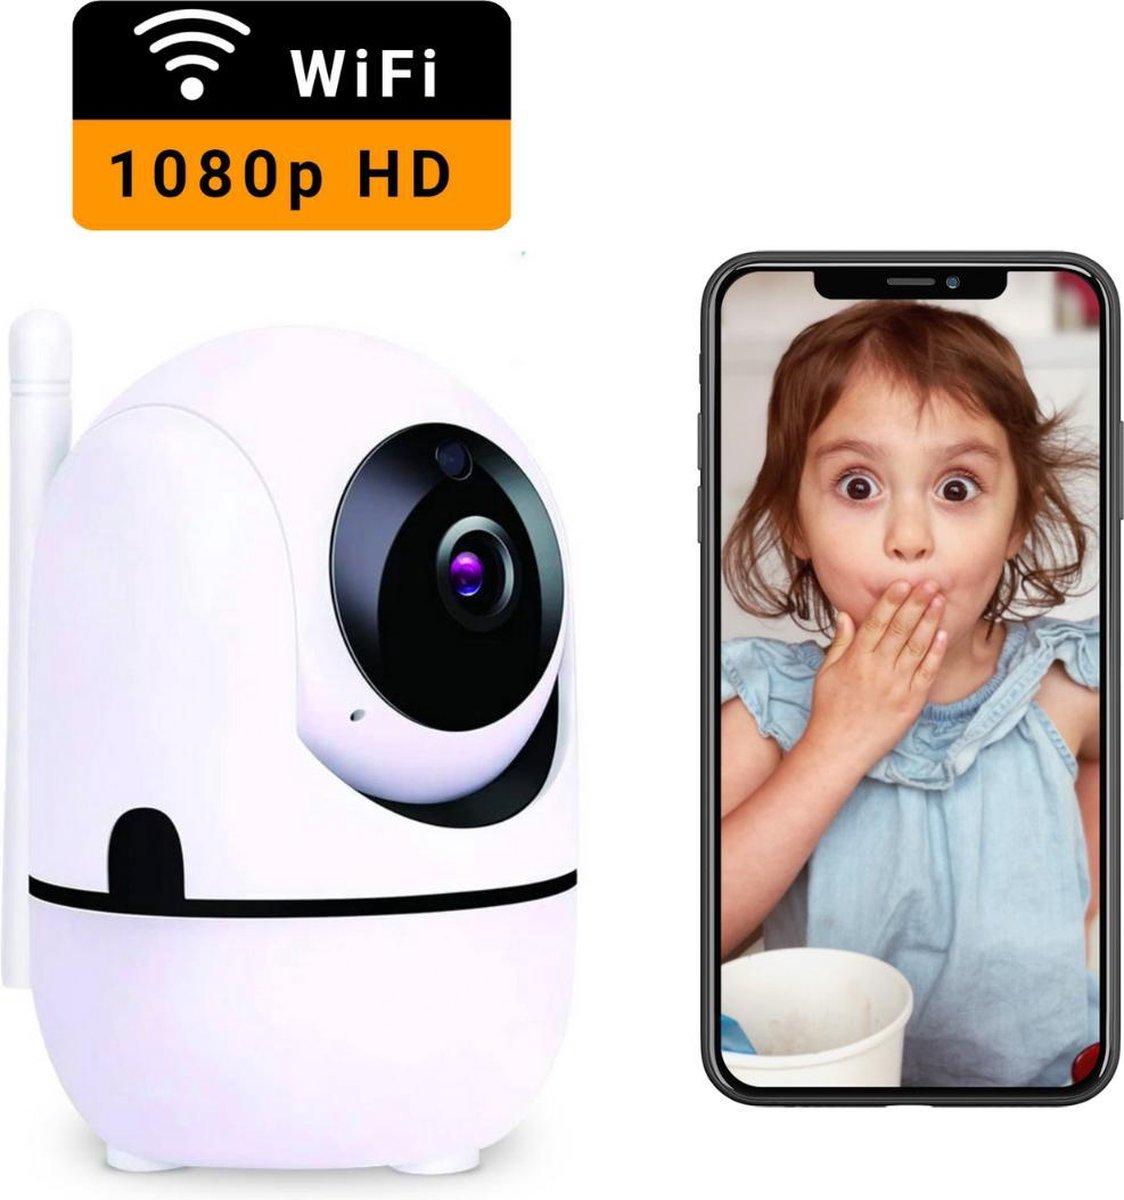 HD Wifi Babyfoon met Camera - Camera Beveiliging - 1080P - Geluid en Bewegingsdetectie - 4G/5G - Wit